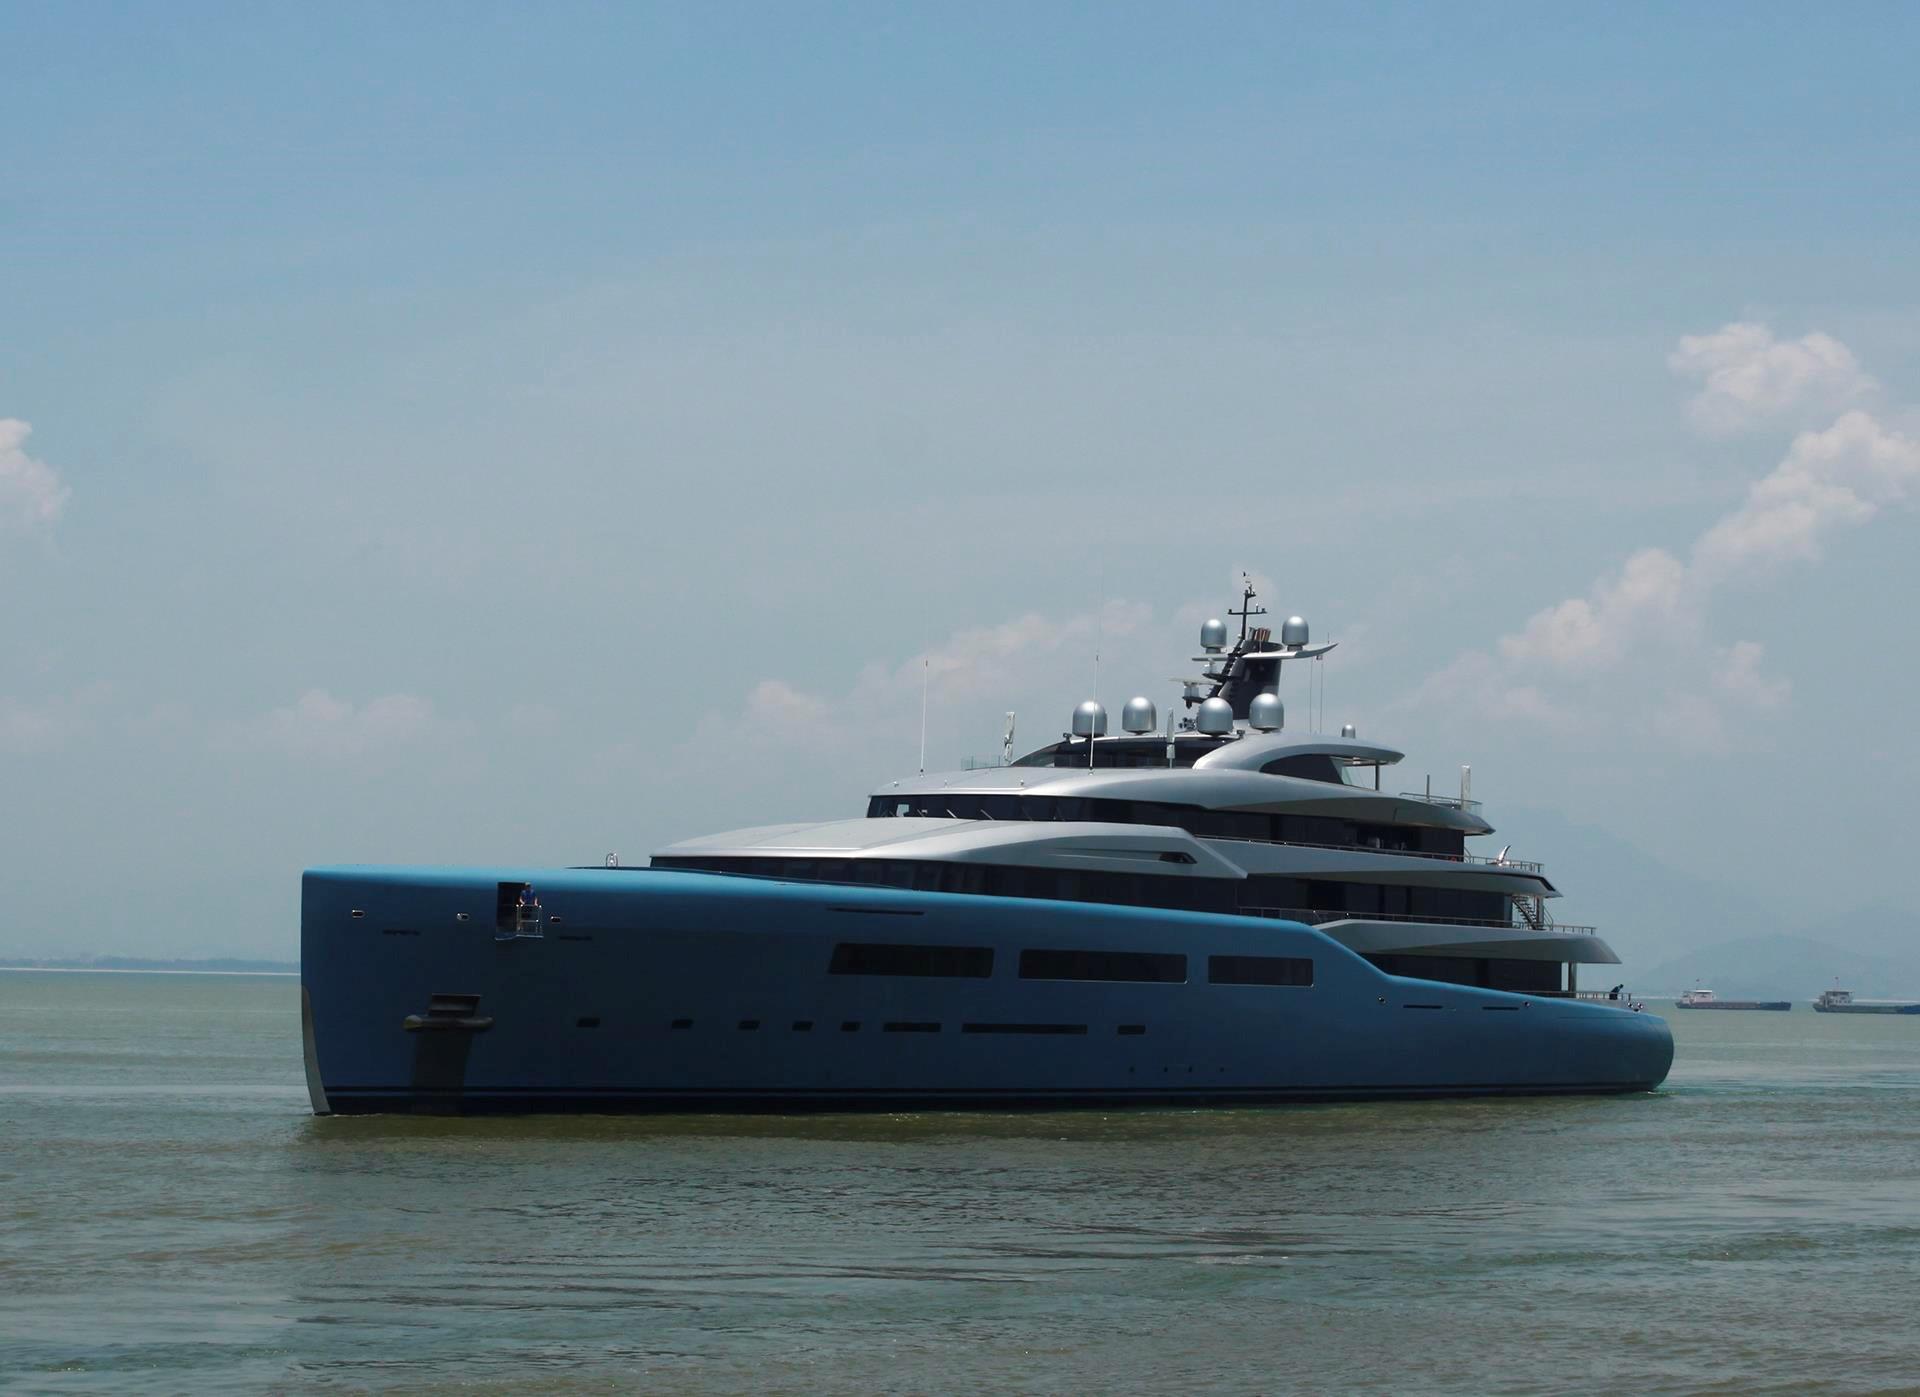 Siêu du thuyền 150 triệu USD của tỷ phú Anh cập cảng Tiên Sa Ảnh 1